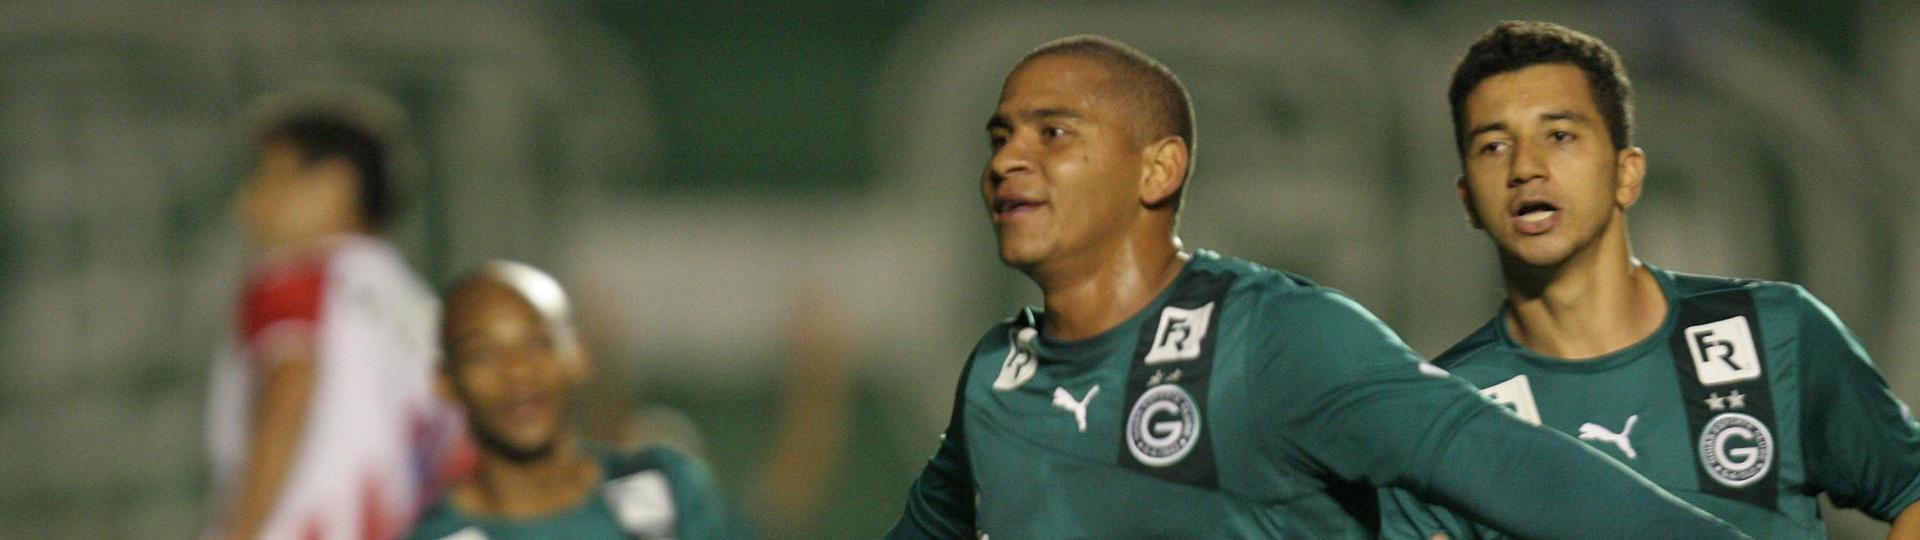 07.08.13 - Valter celebra gol do Goiás na vitória contra o Náutico